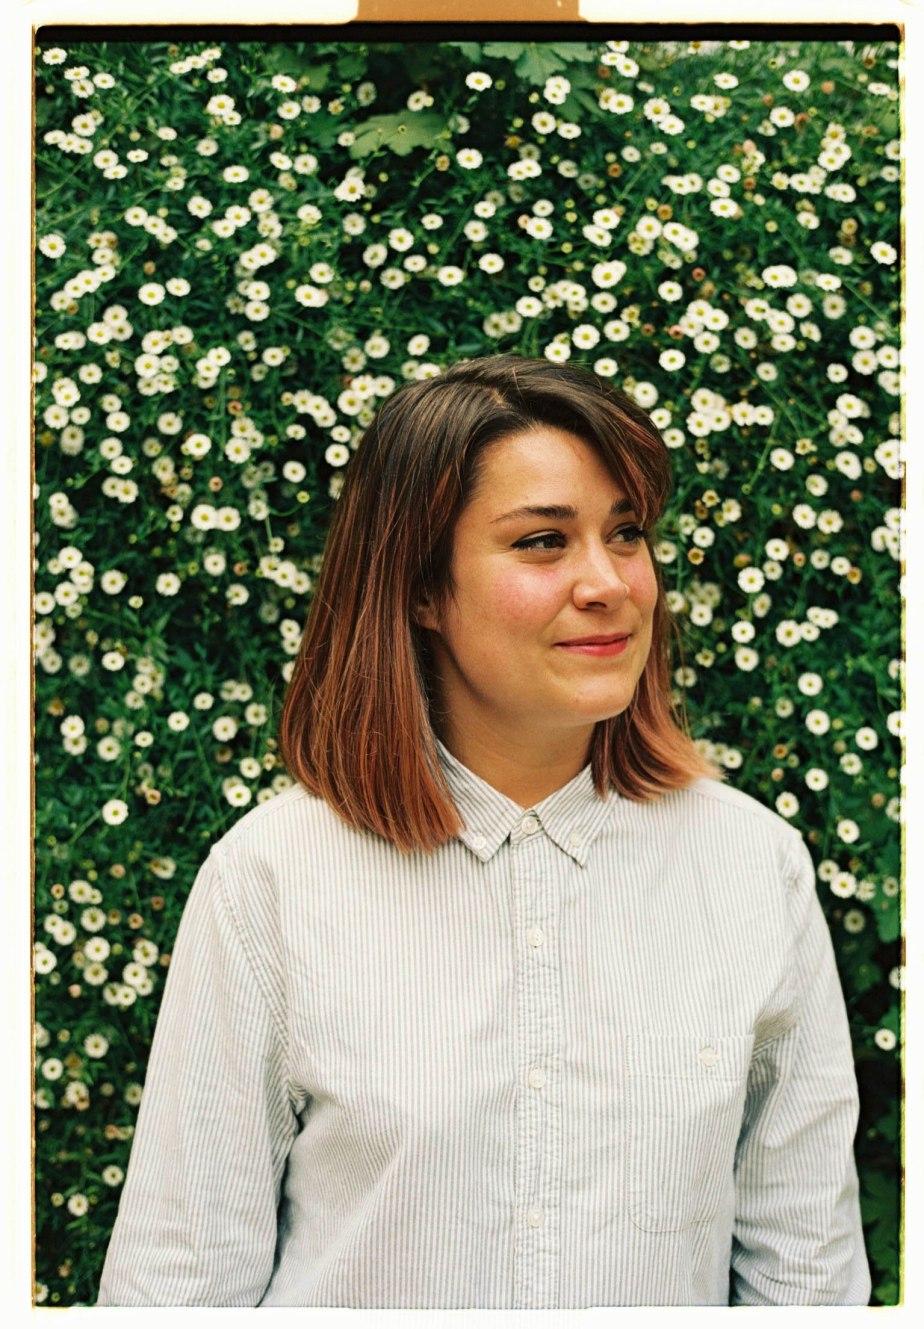 Jodie Layton